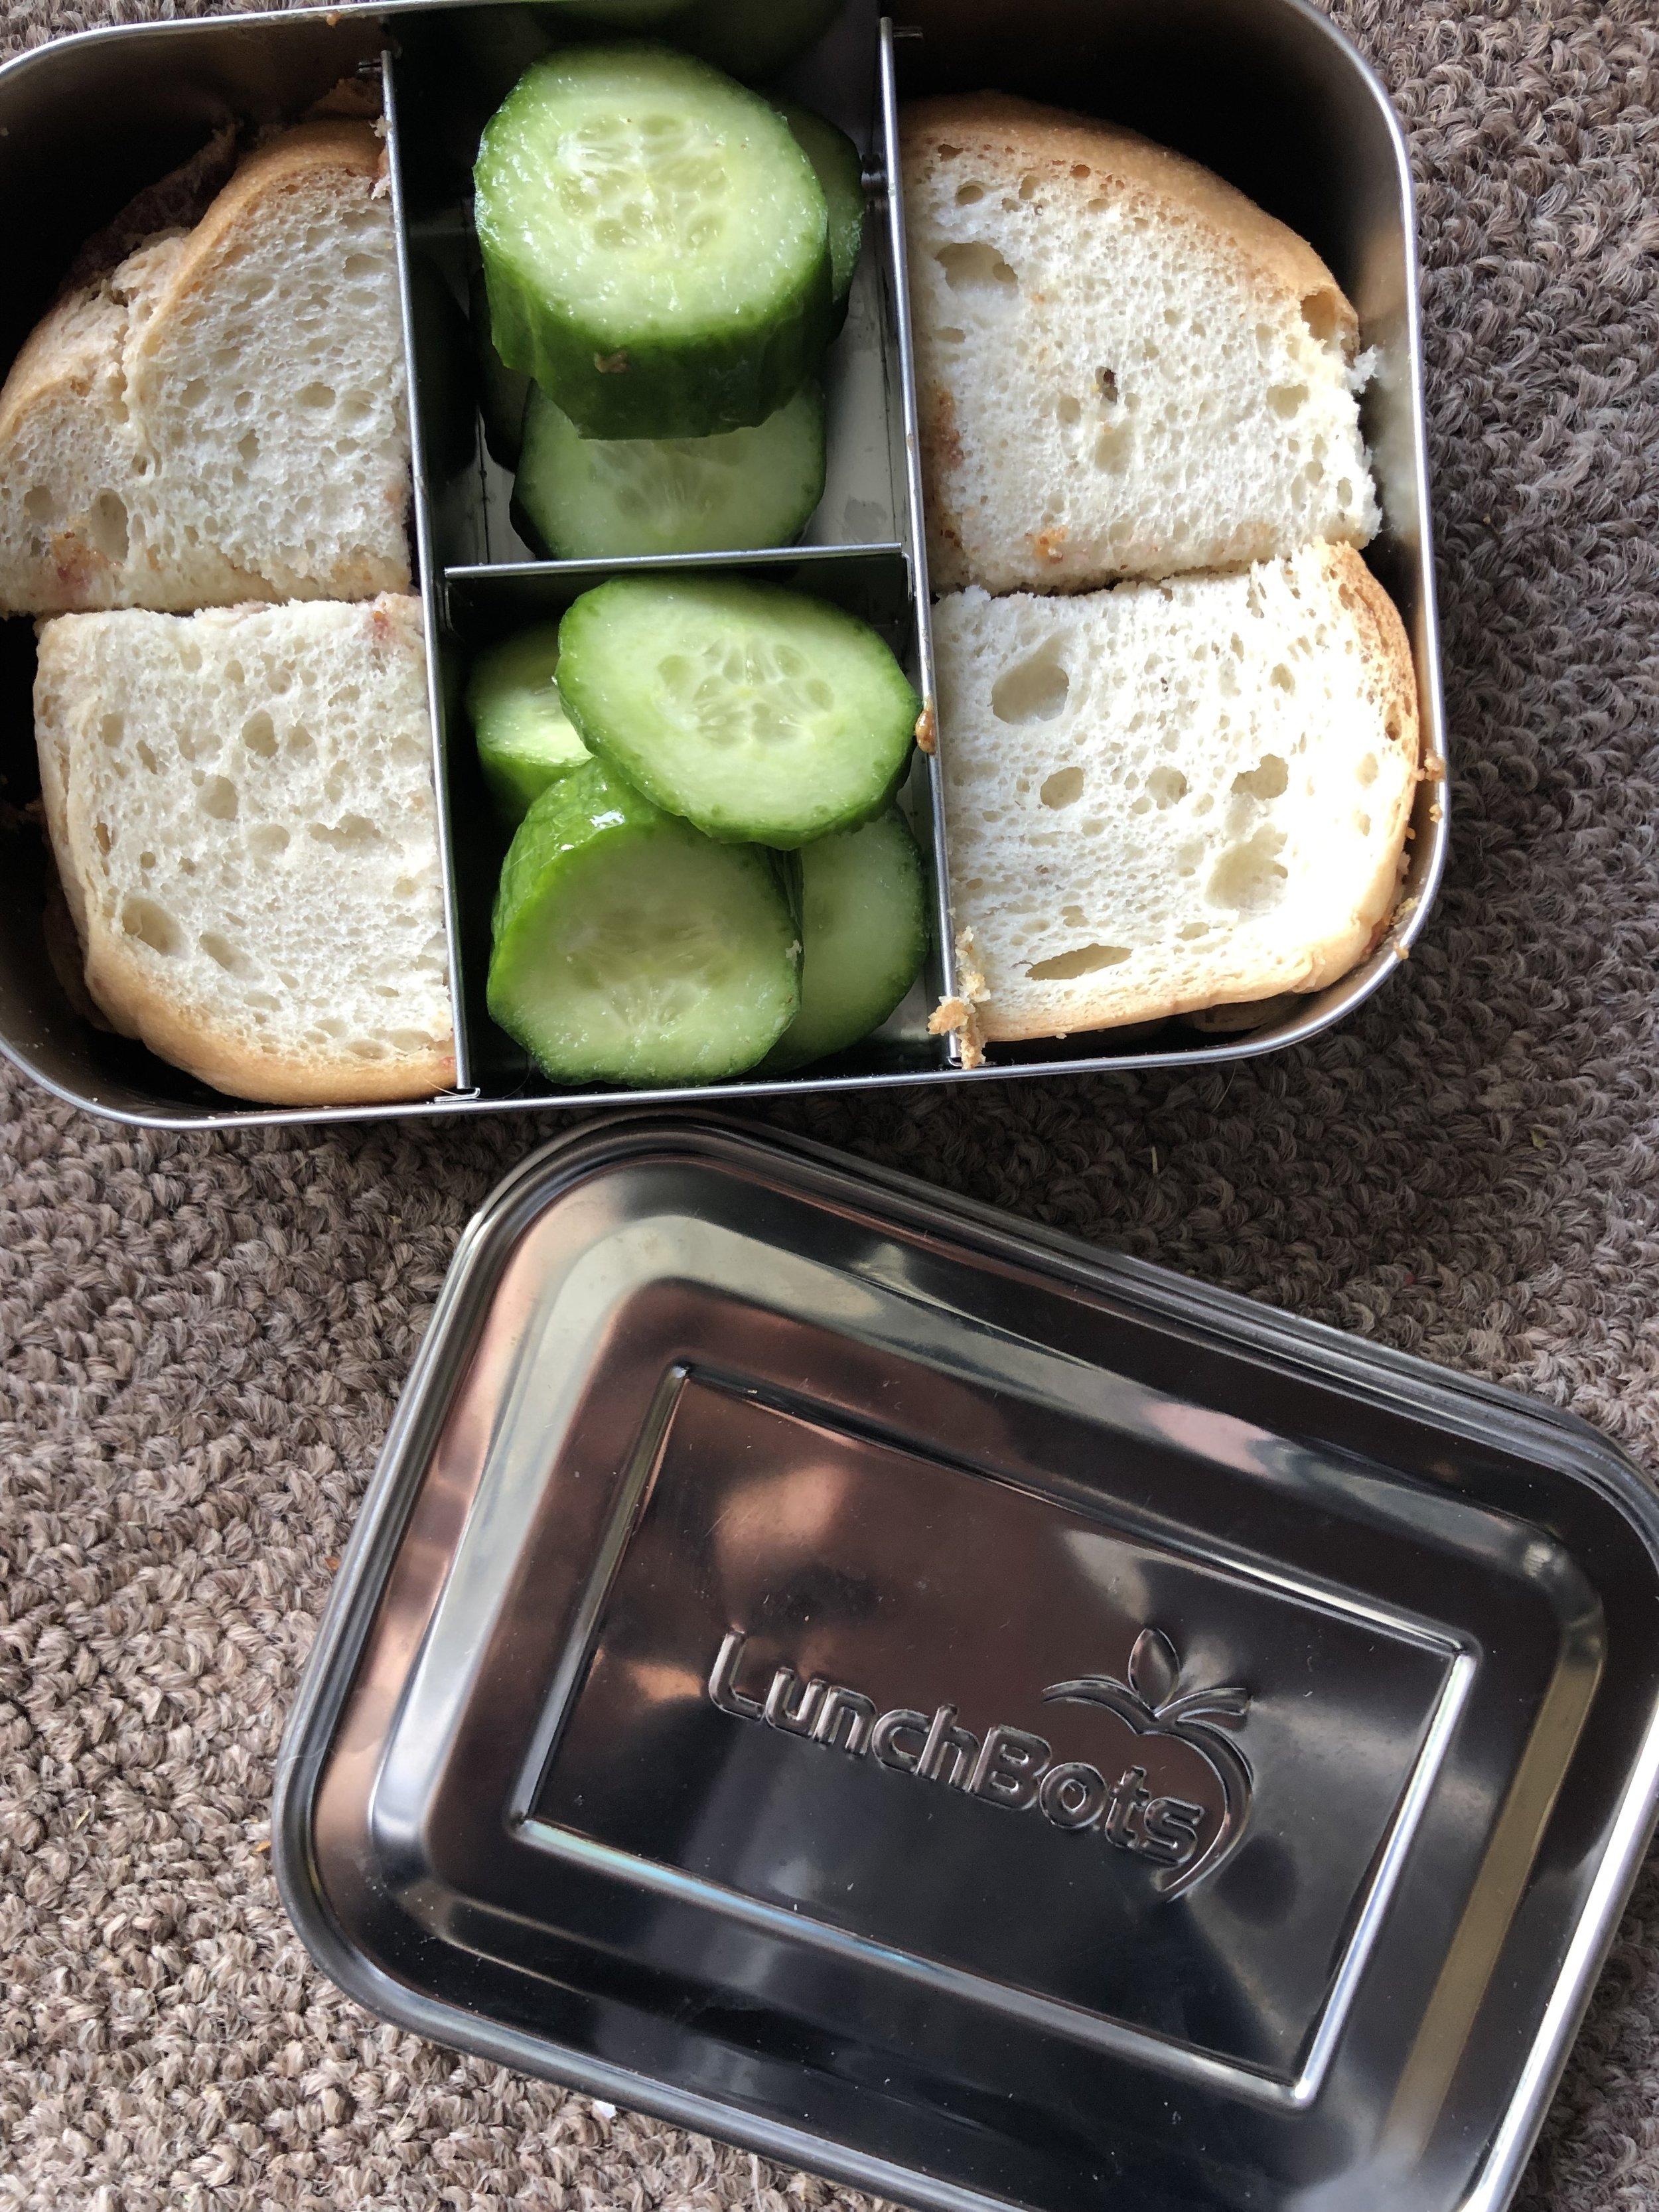 nuttzo spread sandwhich on Skaar gluten free bread, cucumbers.